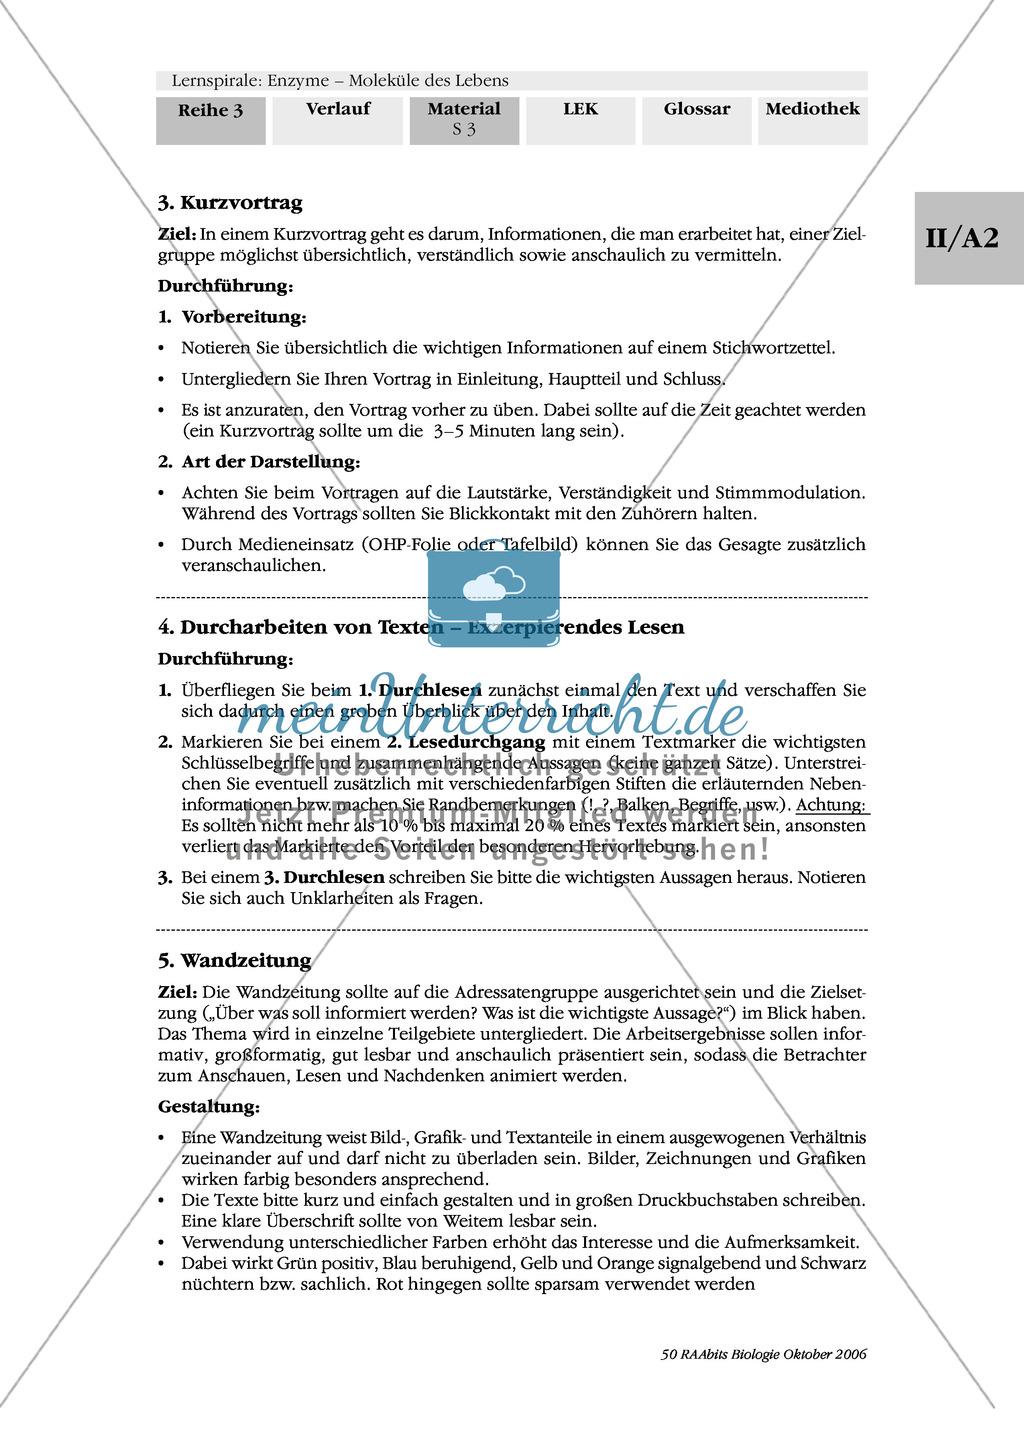 Optimale Bedingungen für Enzymreaktionen: Wandzeitung, Versuch Preview 0